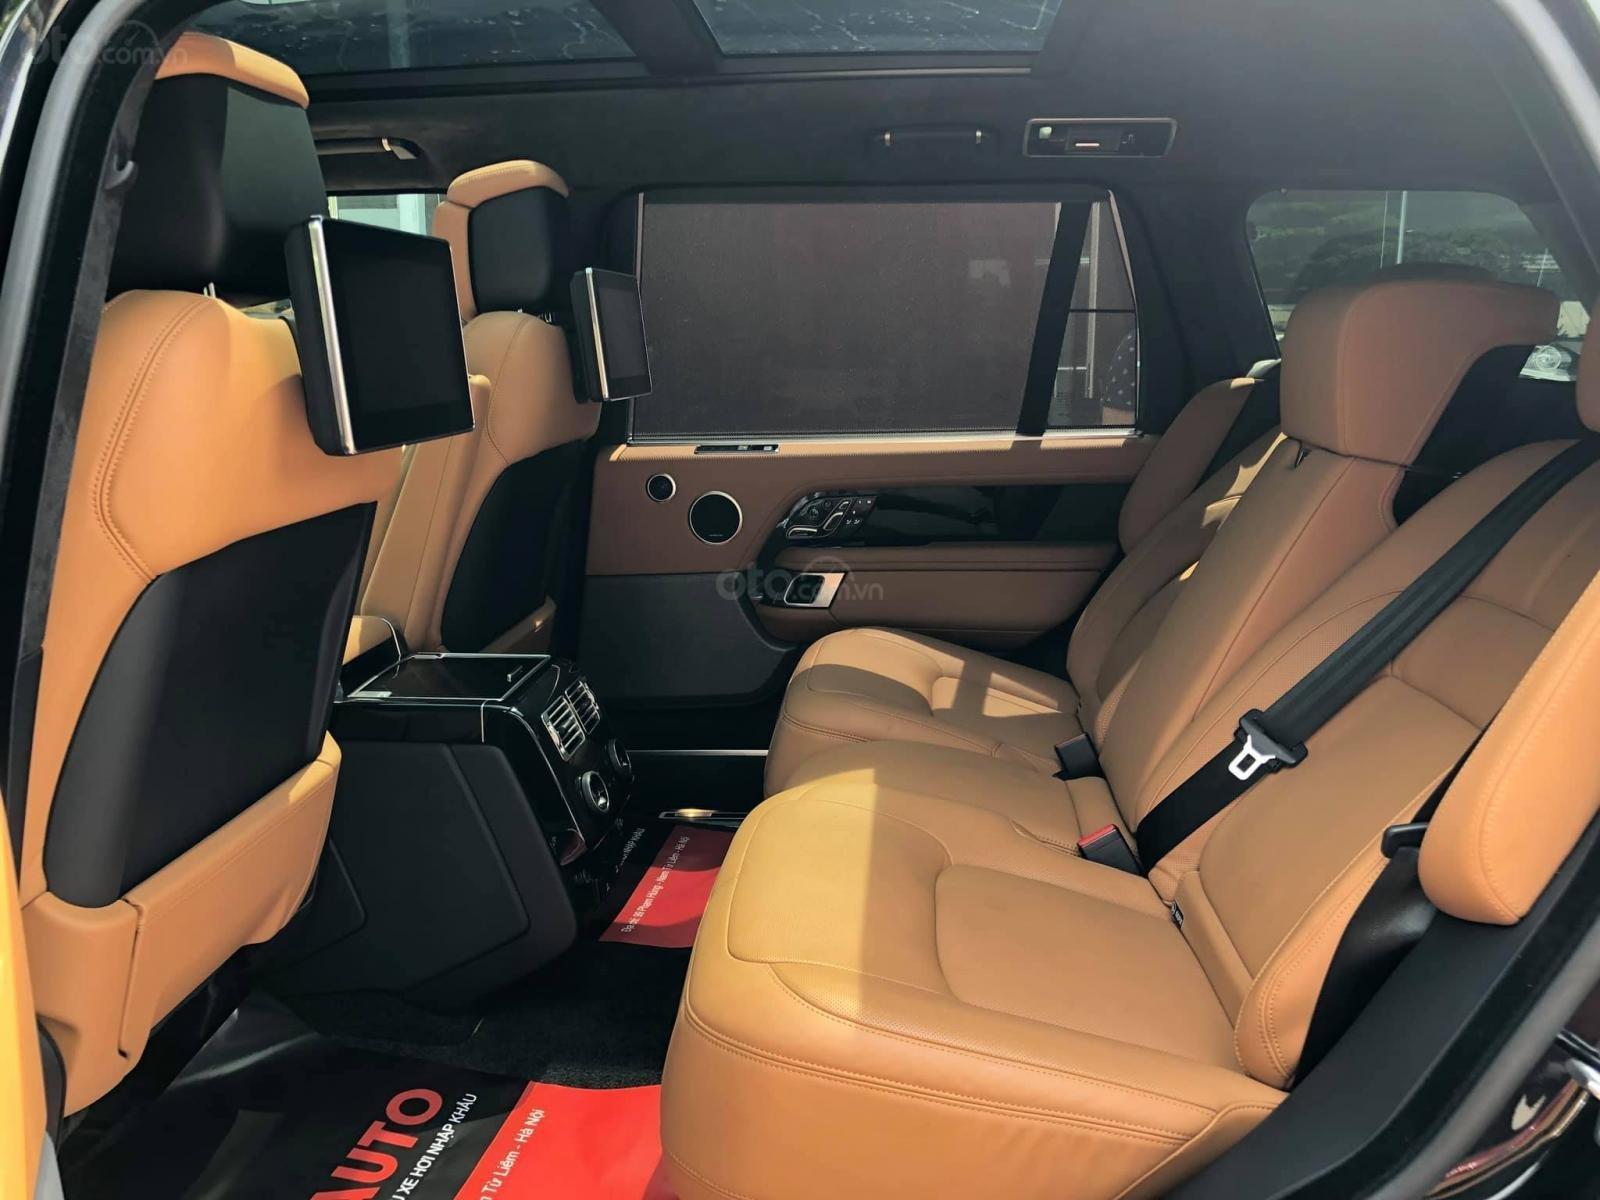 Bán Range Rover Autobiography LWB 5.0 2019, màu đen, nhập khẩu nguyên chiếc, full options-7